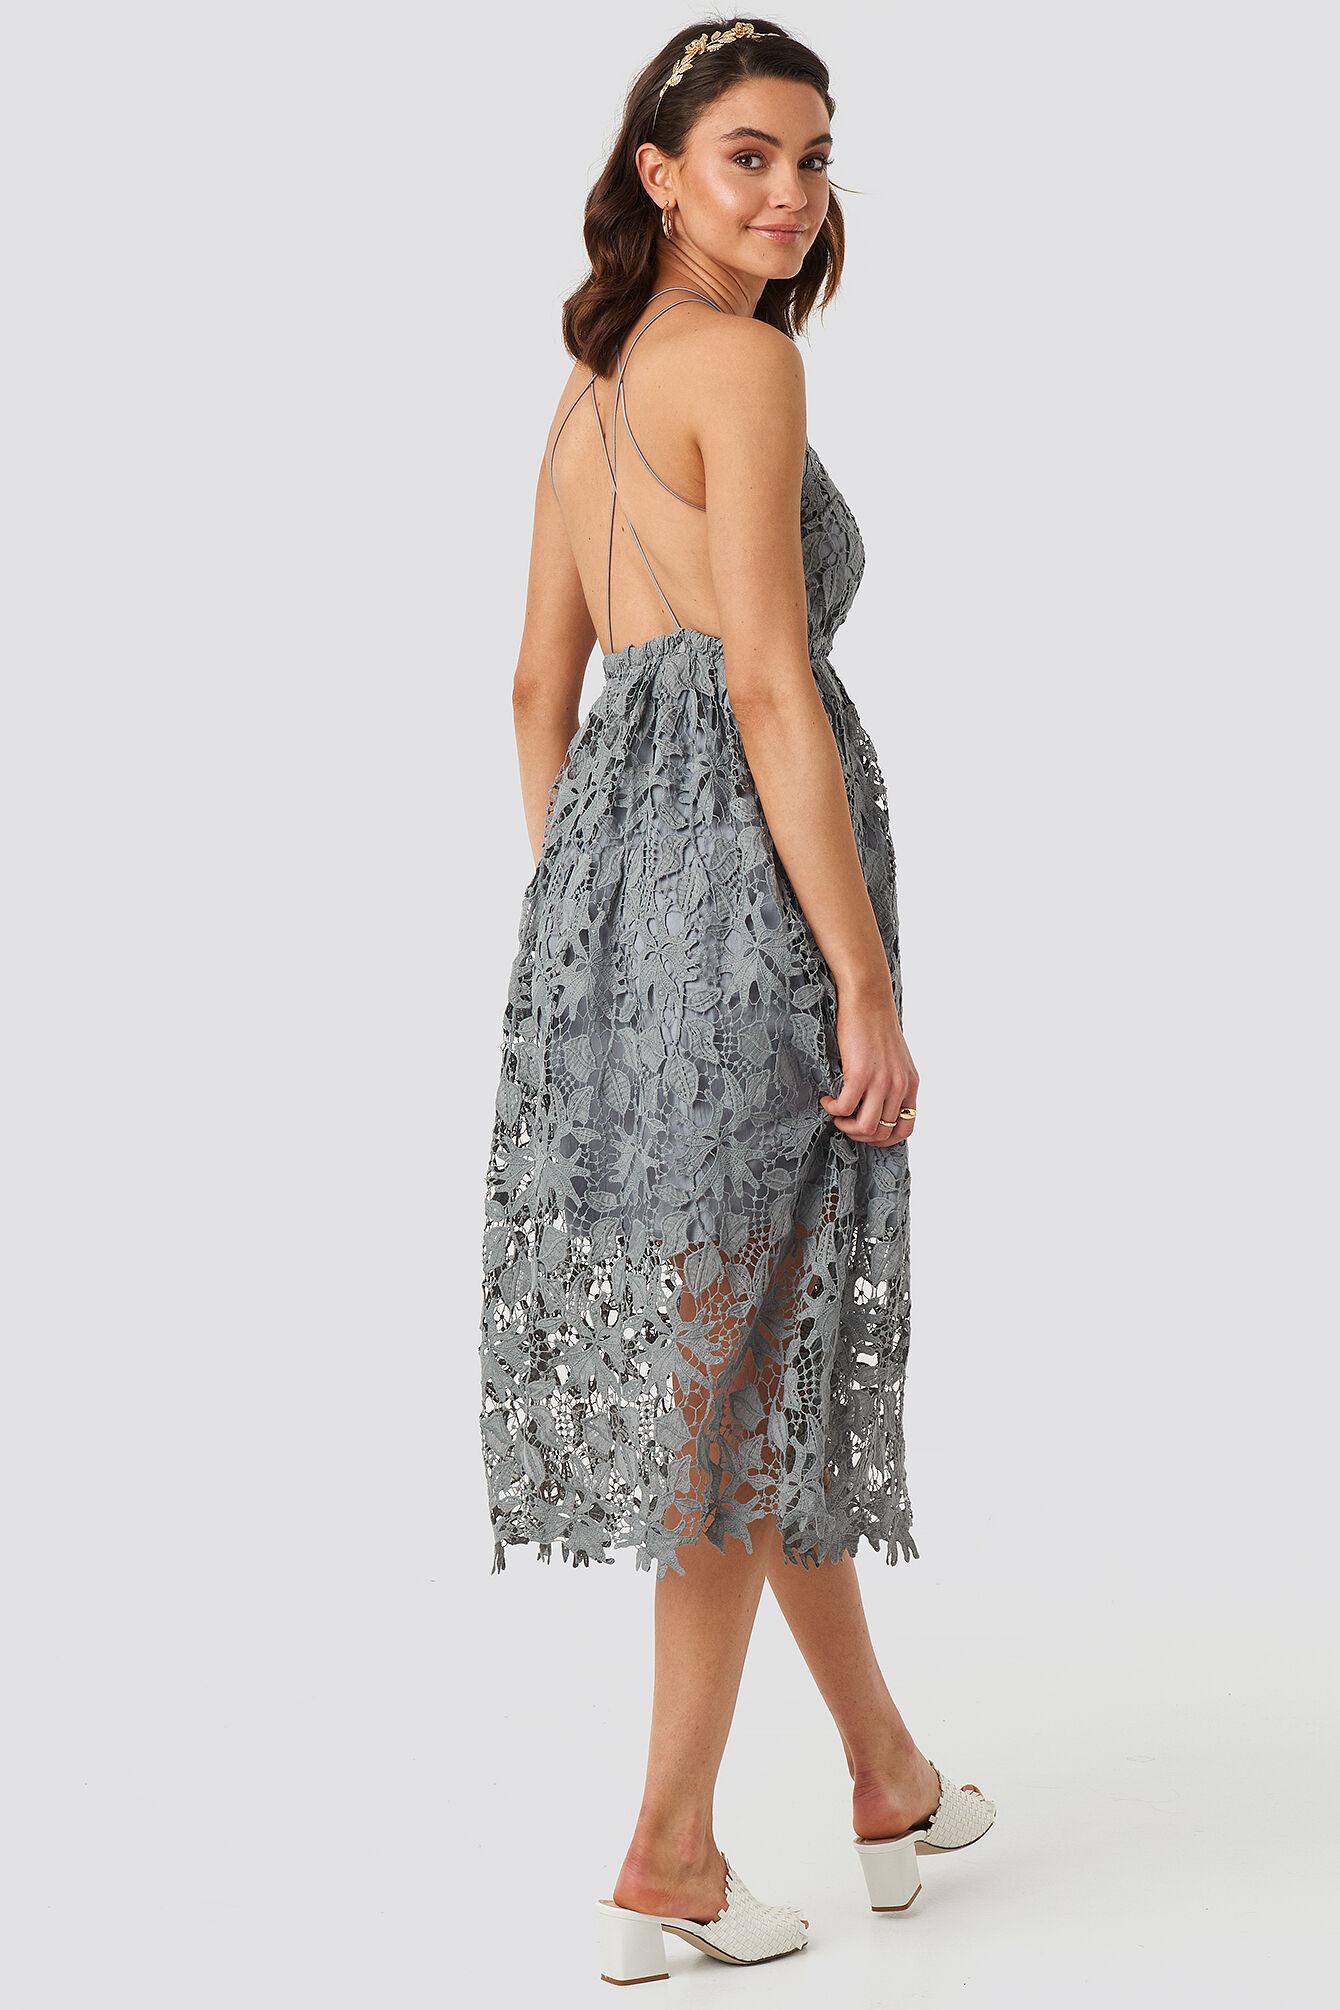 Image of NA-KD Boho Crochet Strap Back Dress - Grey,Blue